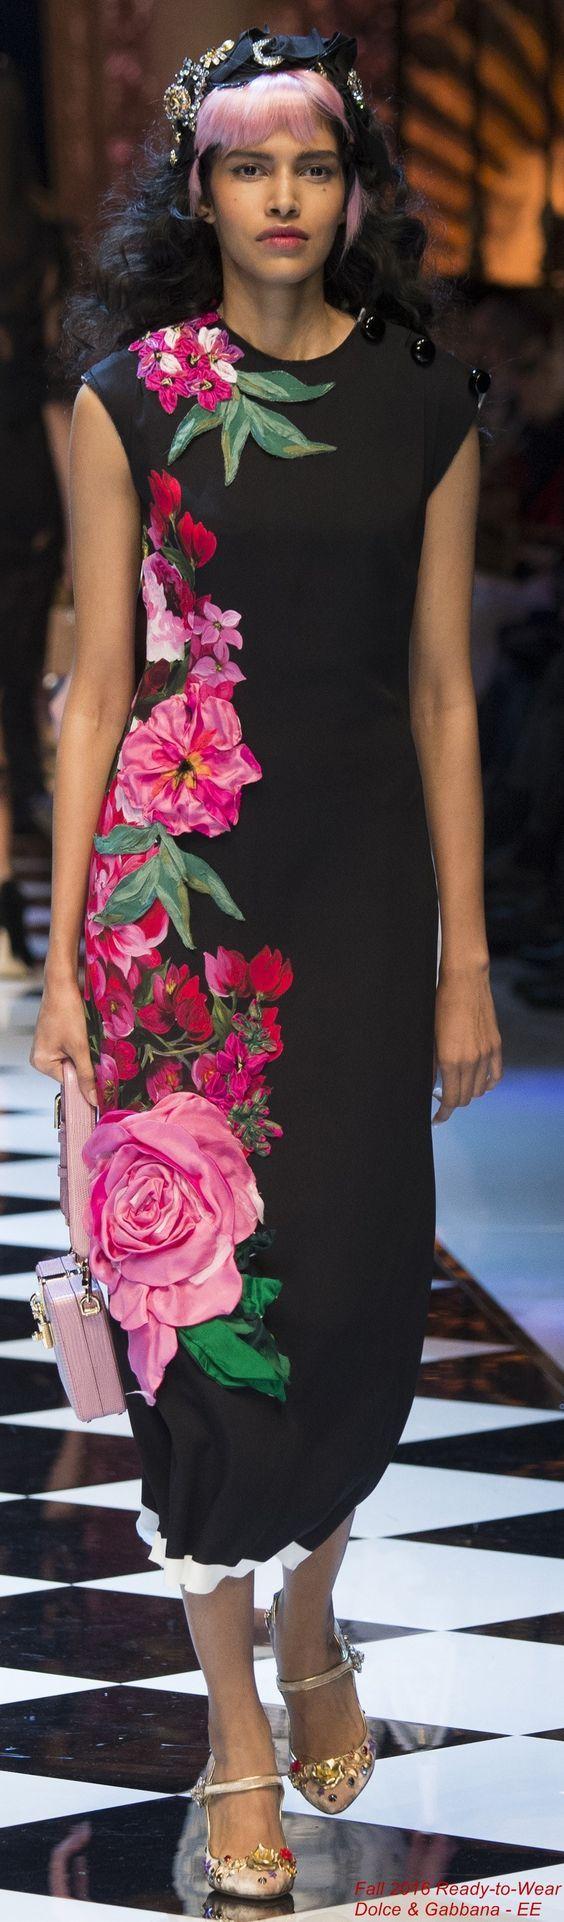 Fall 2016 Ready-to-Wear Dolce & Gabbana: